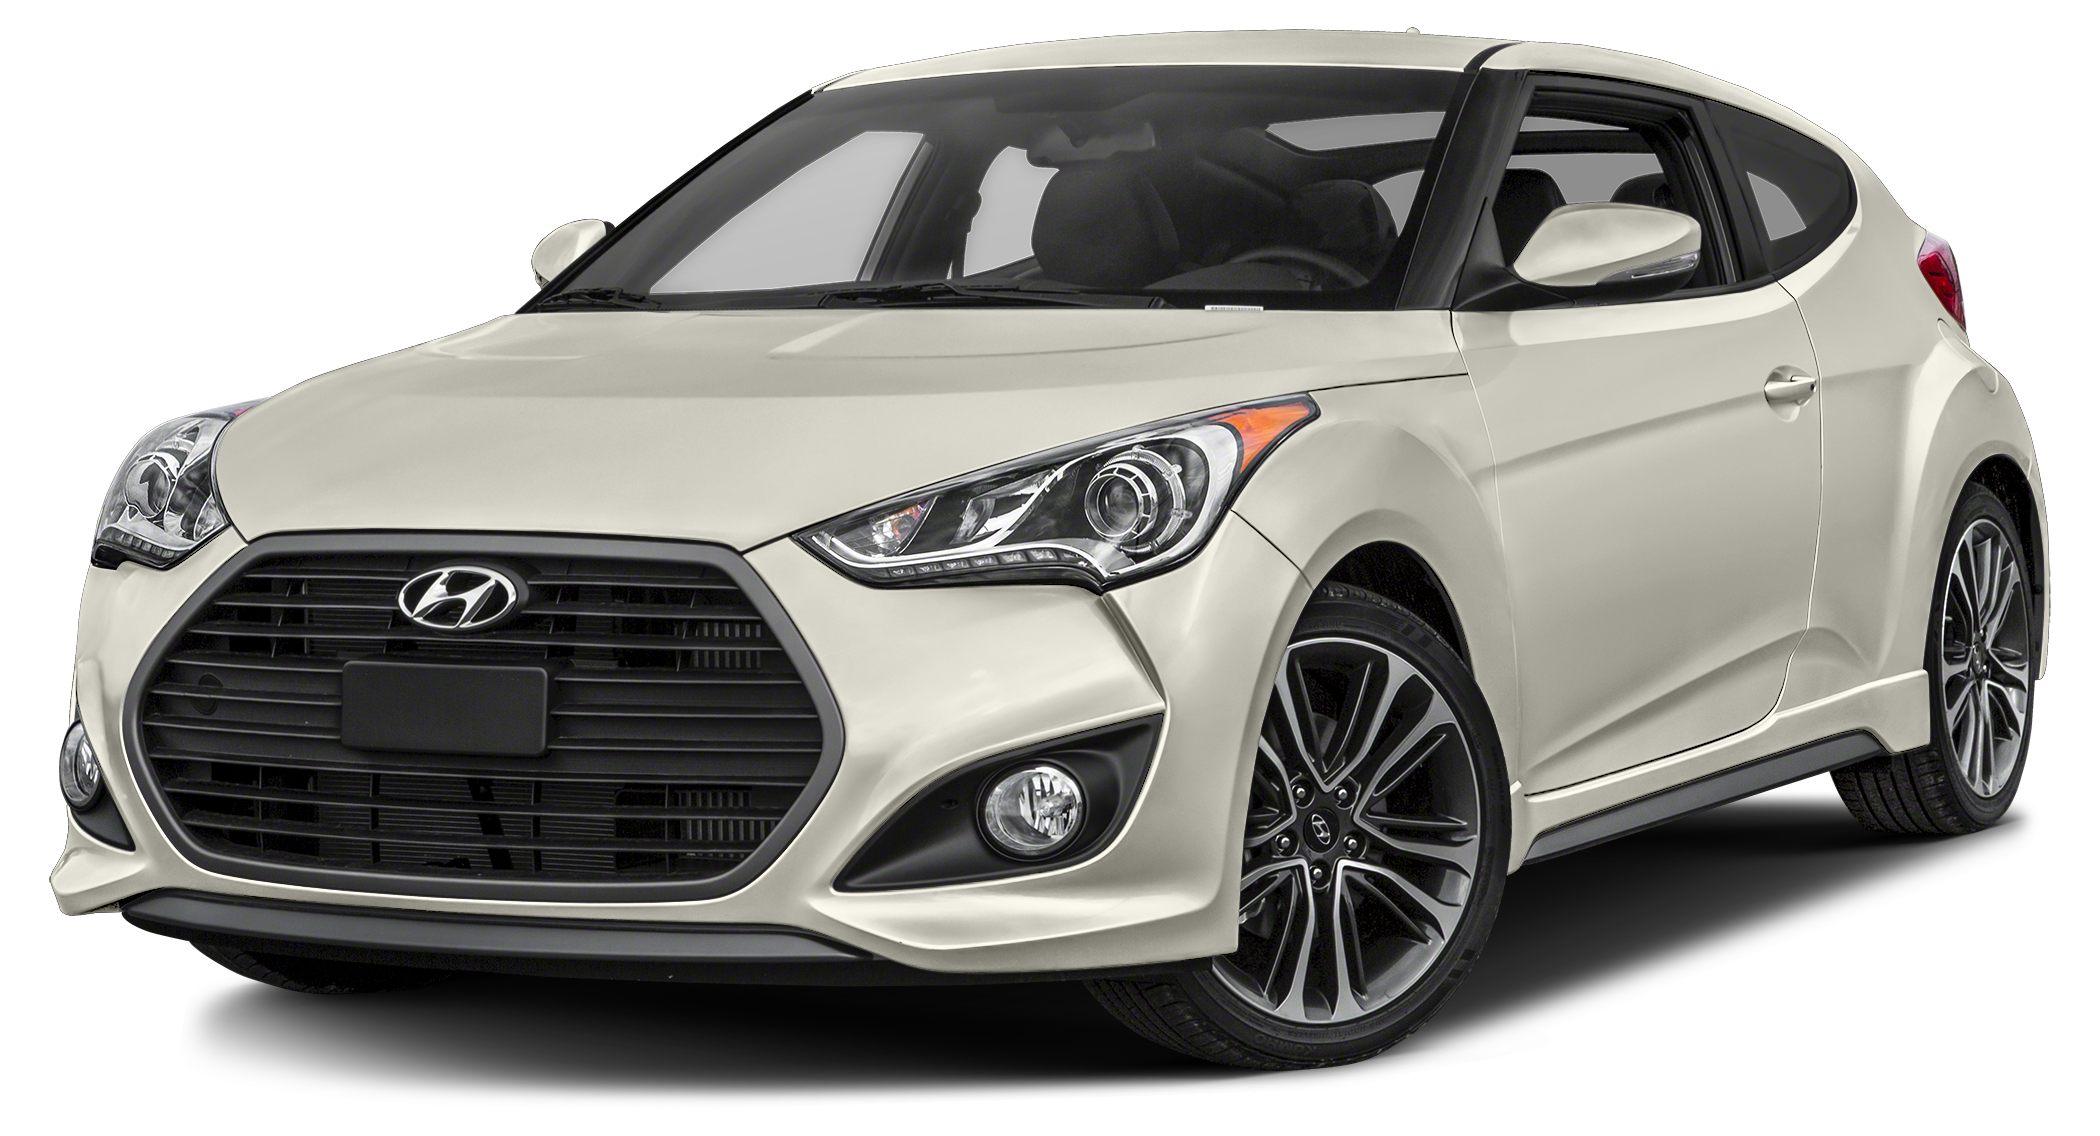 2016 Hyundai